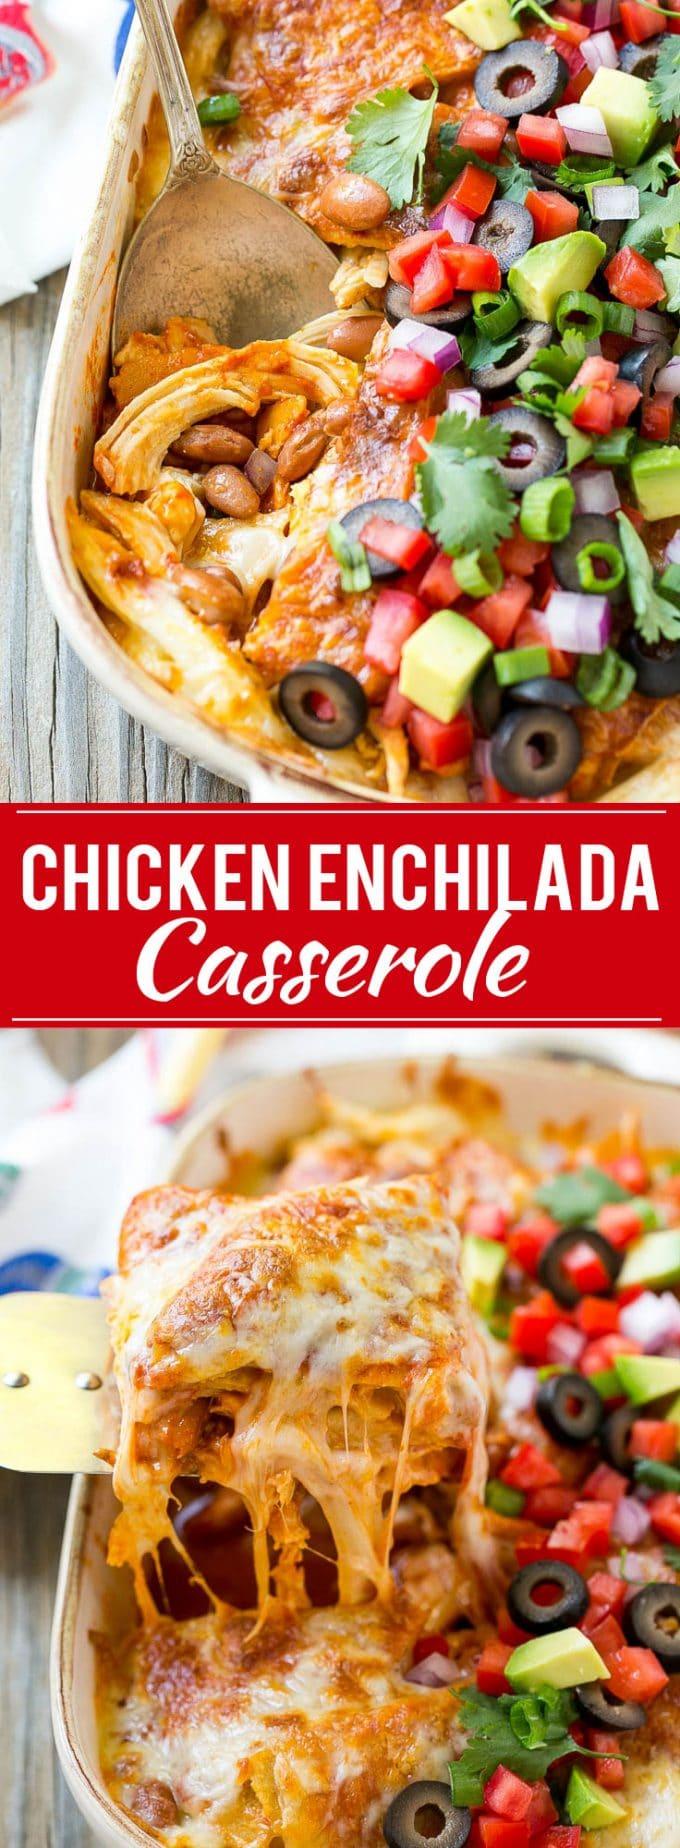 Chicken Enchilada Casserole Recipe   Chicken Enchiladas   Easy Casserole Recipe   Enchilada Casserole